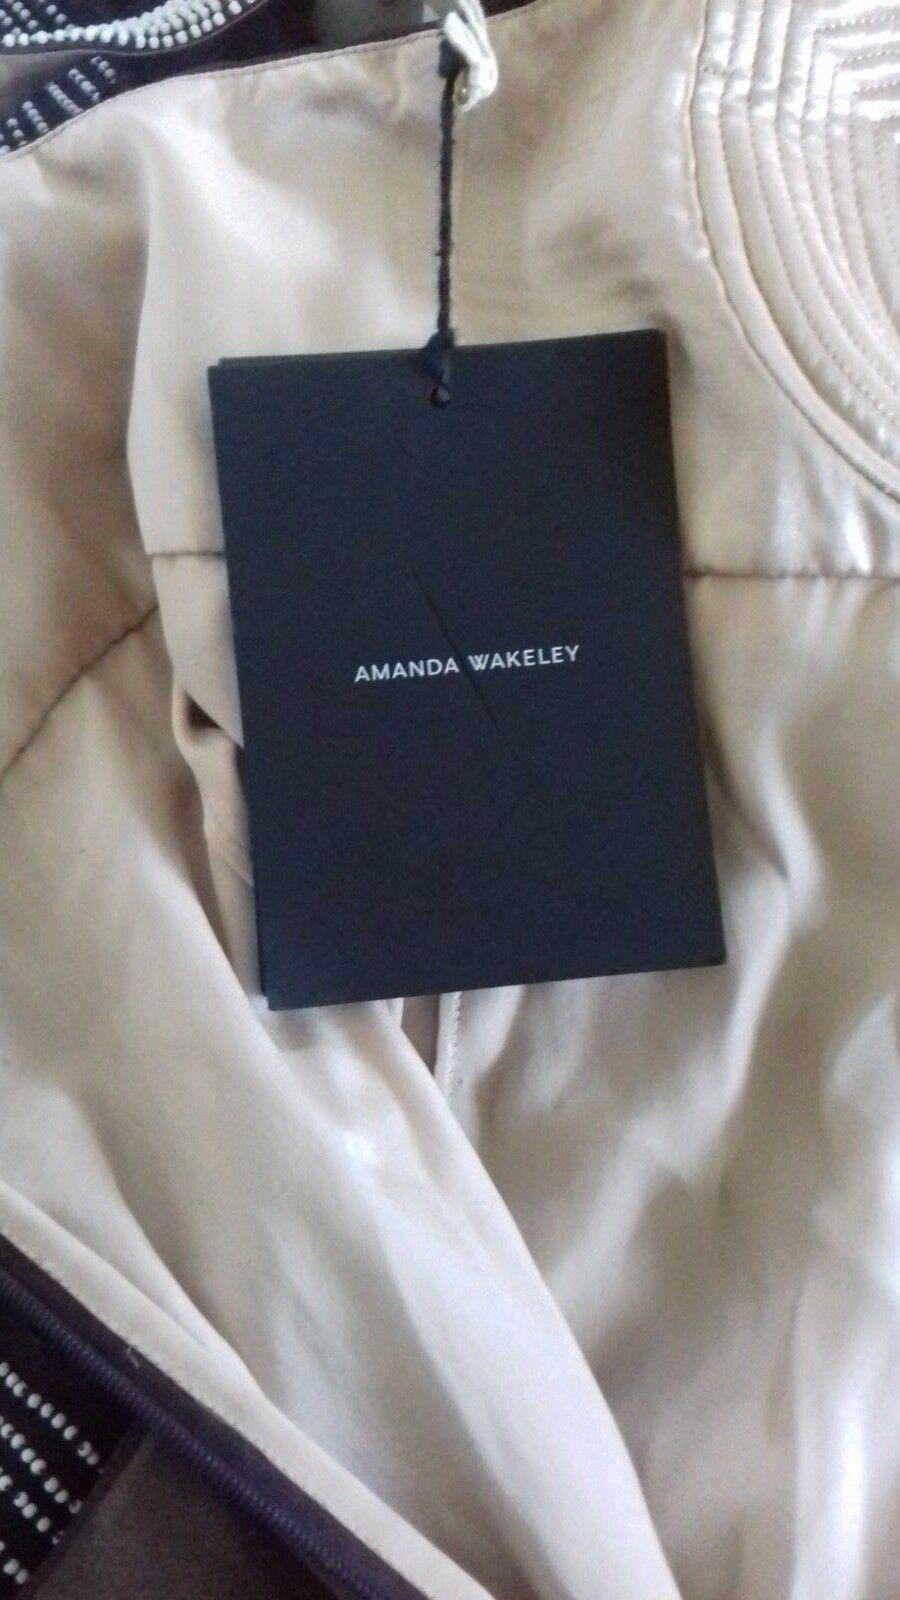 AMANDA Wakeley  mozzafiato a mano con perline lungo vestito di seta-NUOVO CON ETICHETTE